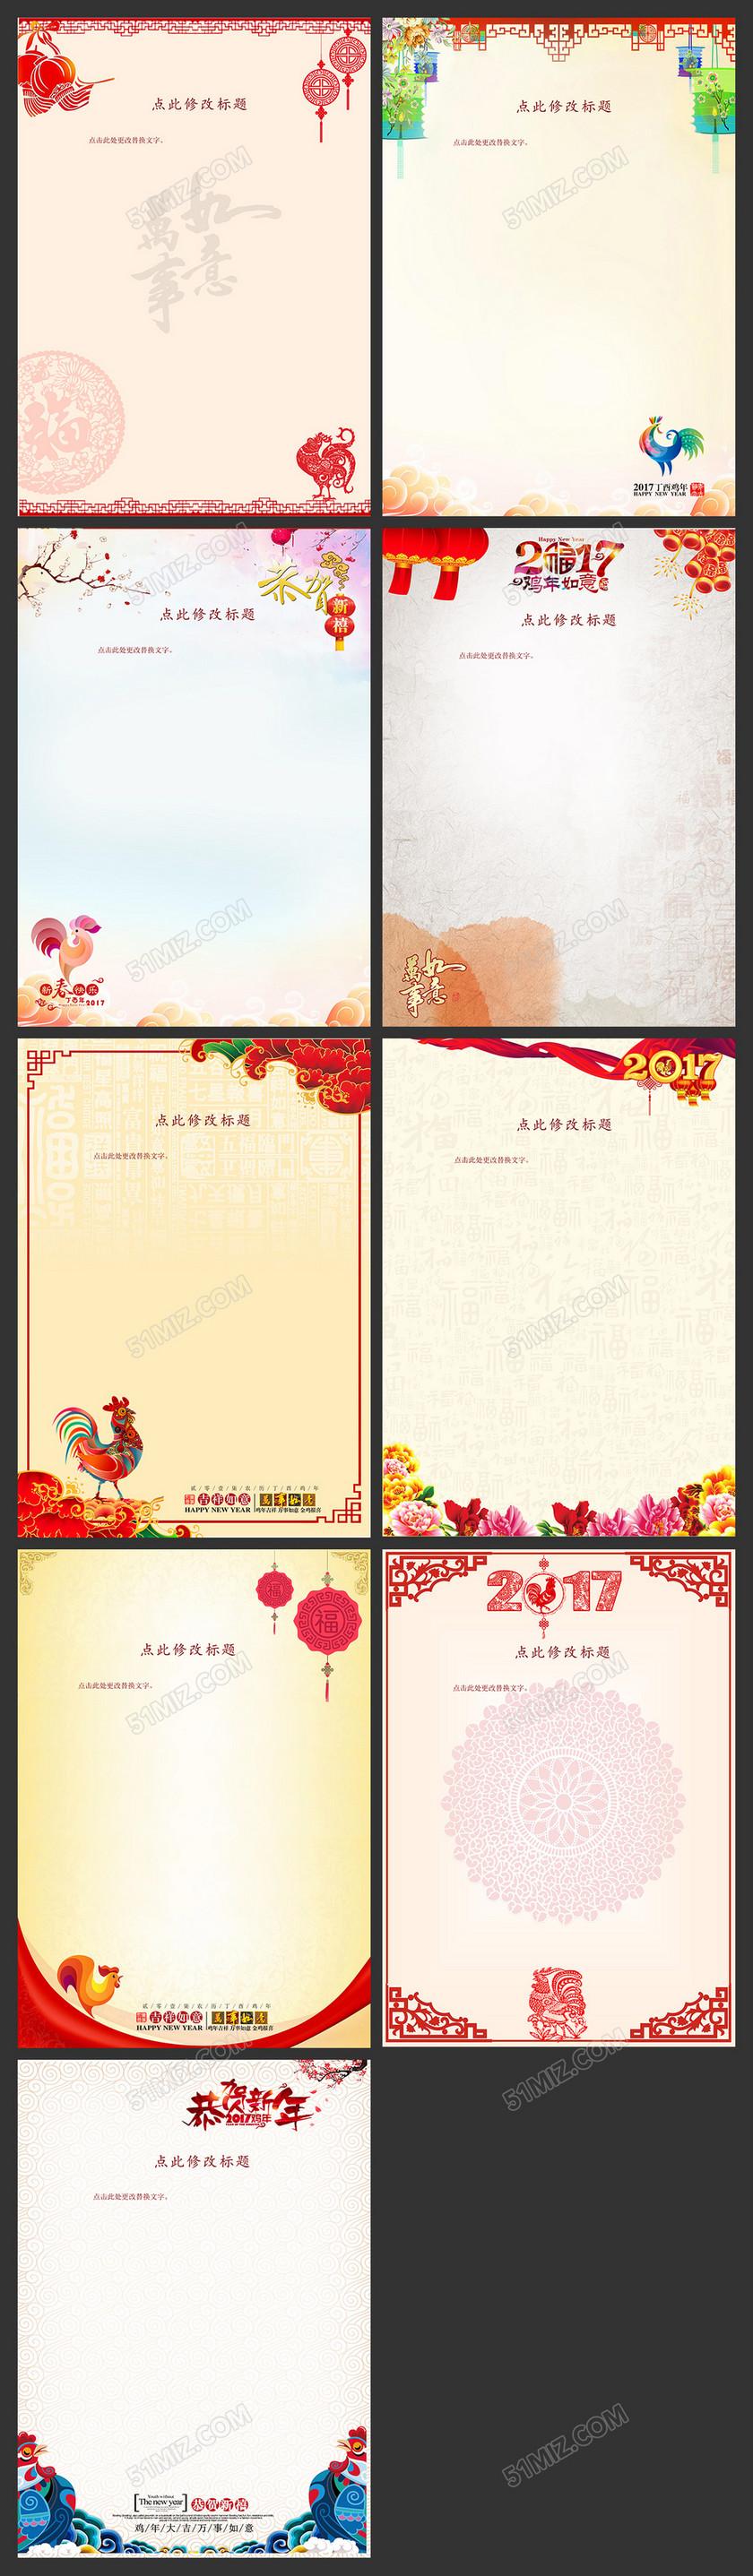 2017鸡年新年word信纸模板下载